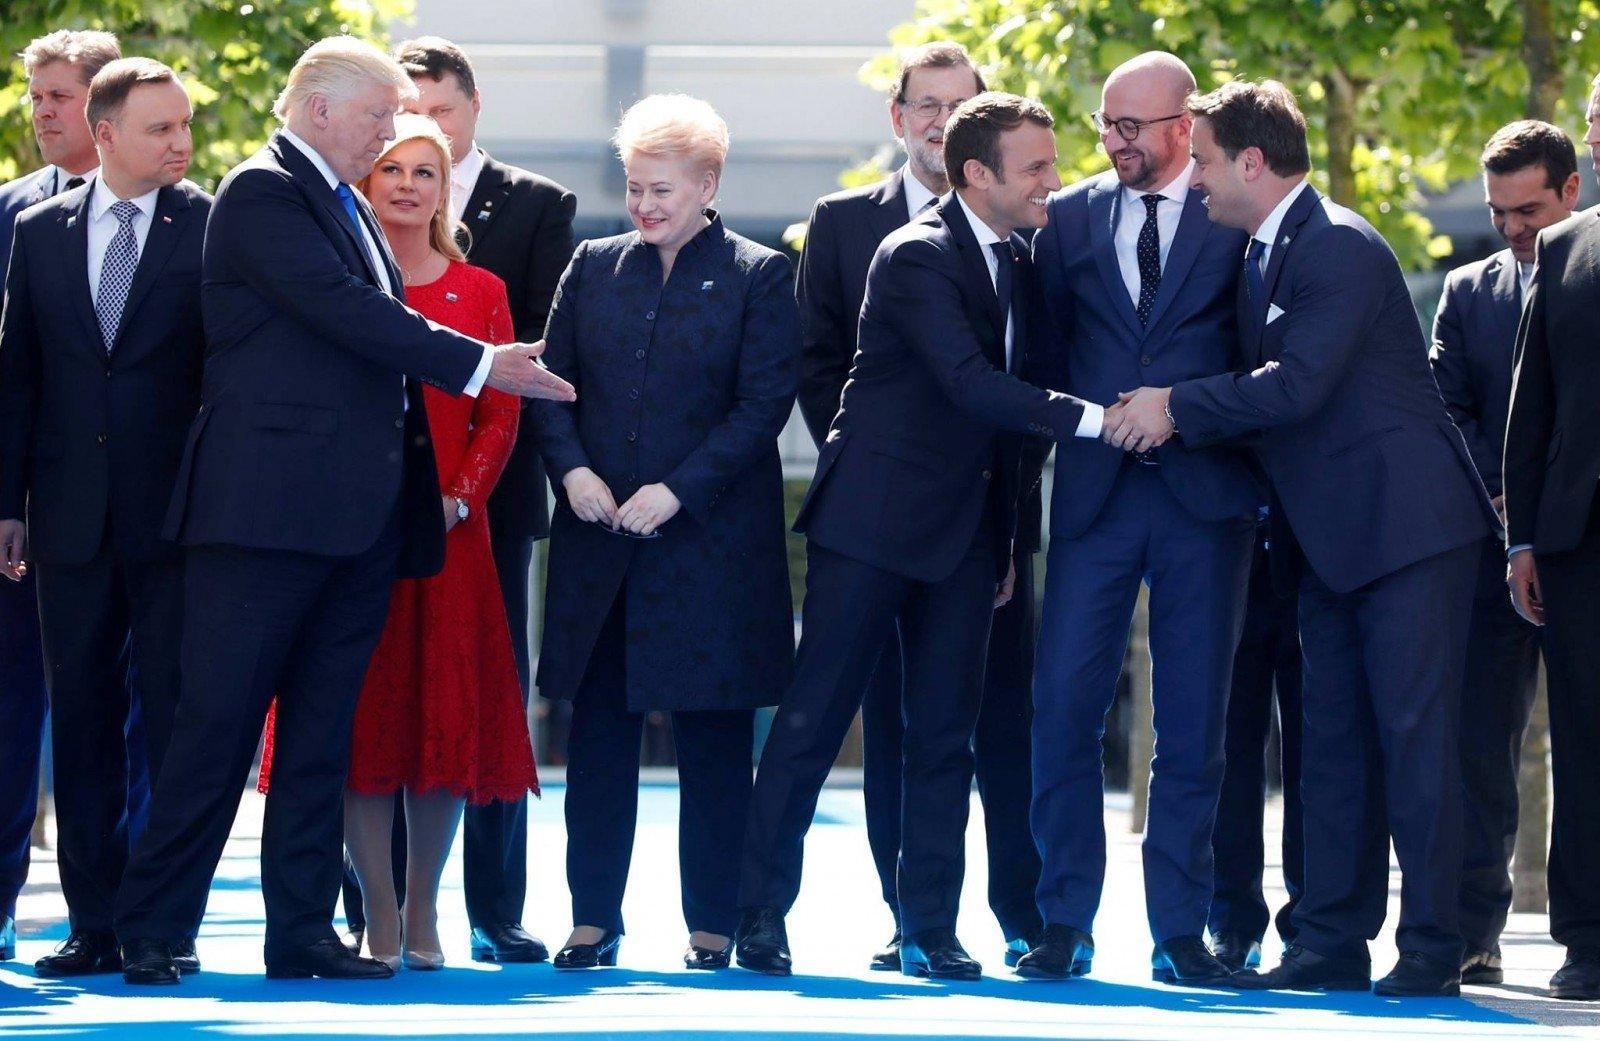 Премьер Латвии отправился вТаллин. Там его ожидают министры Балтийских стран